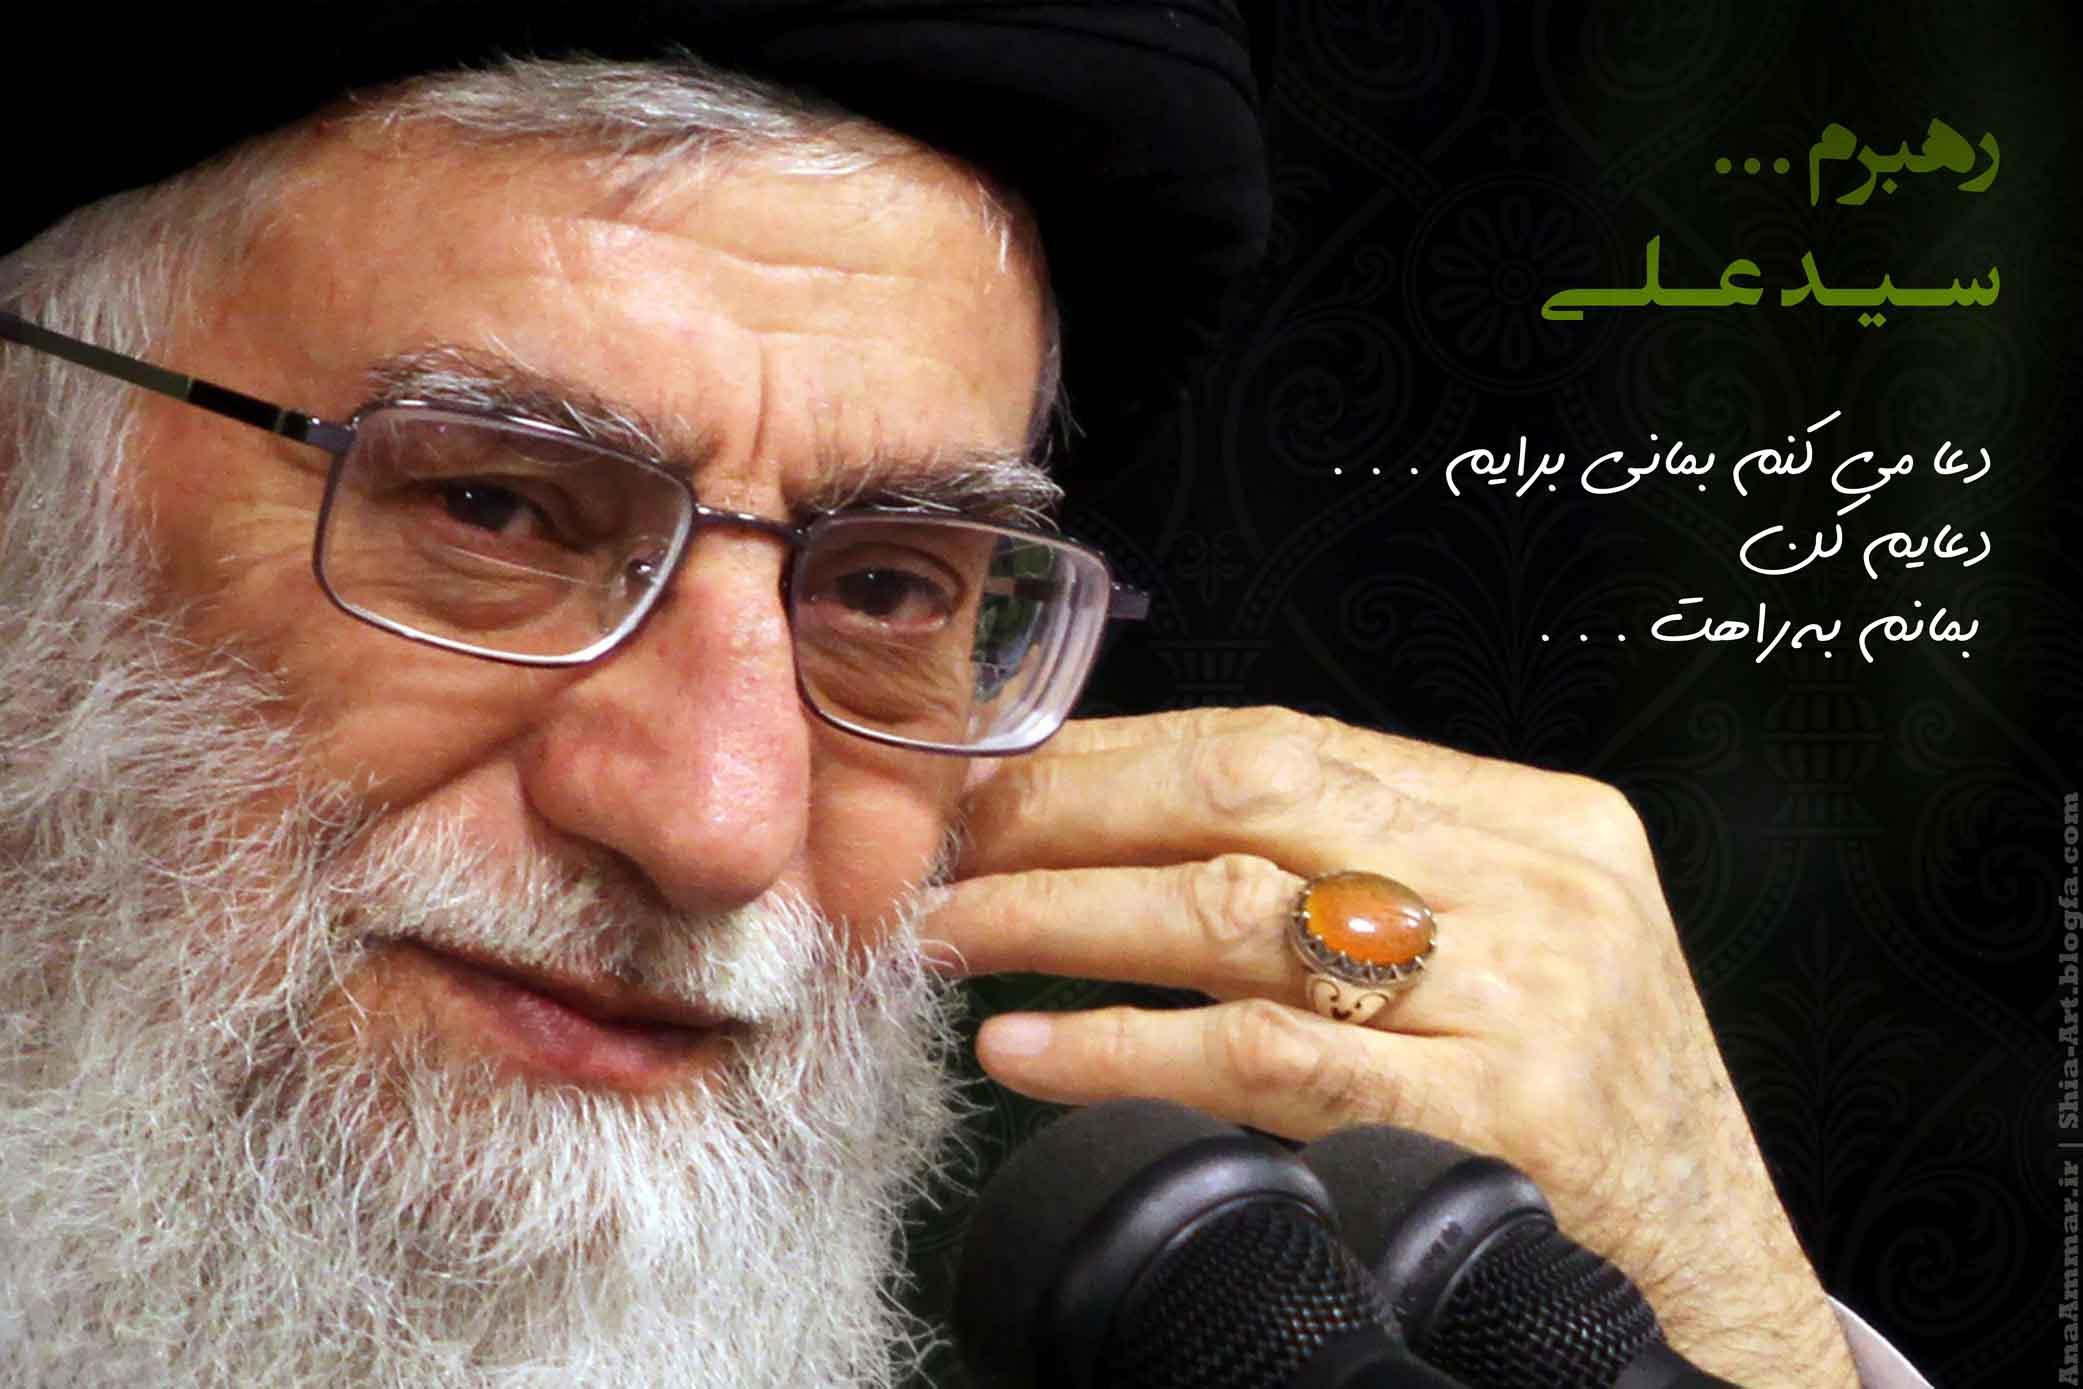 رهبرم سید علی ، دعایم کن